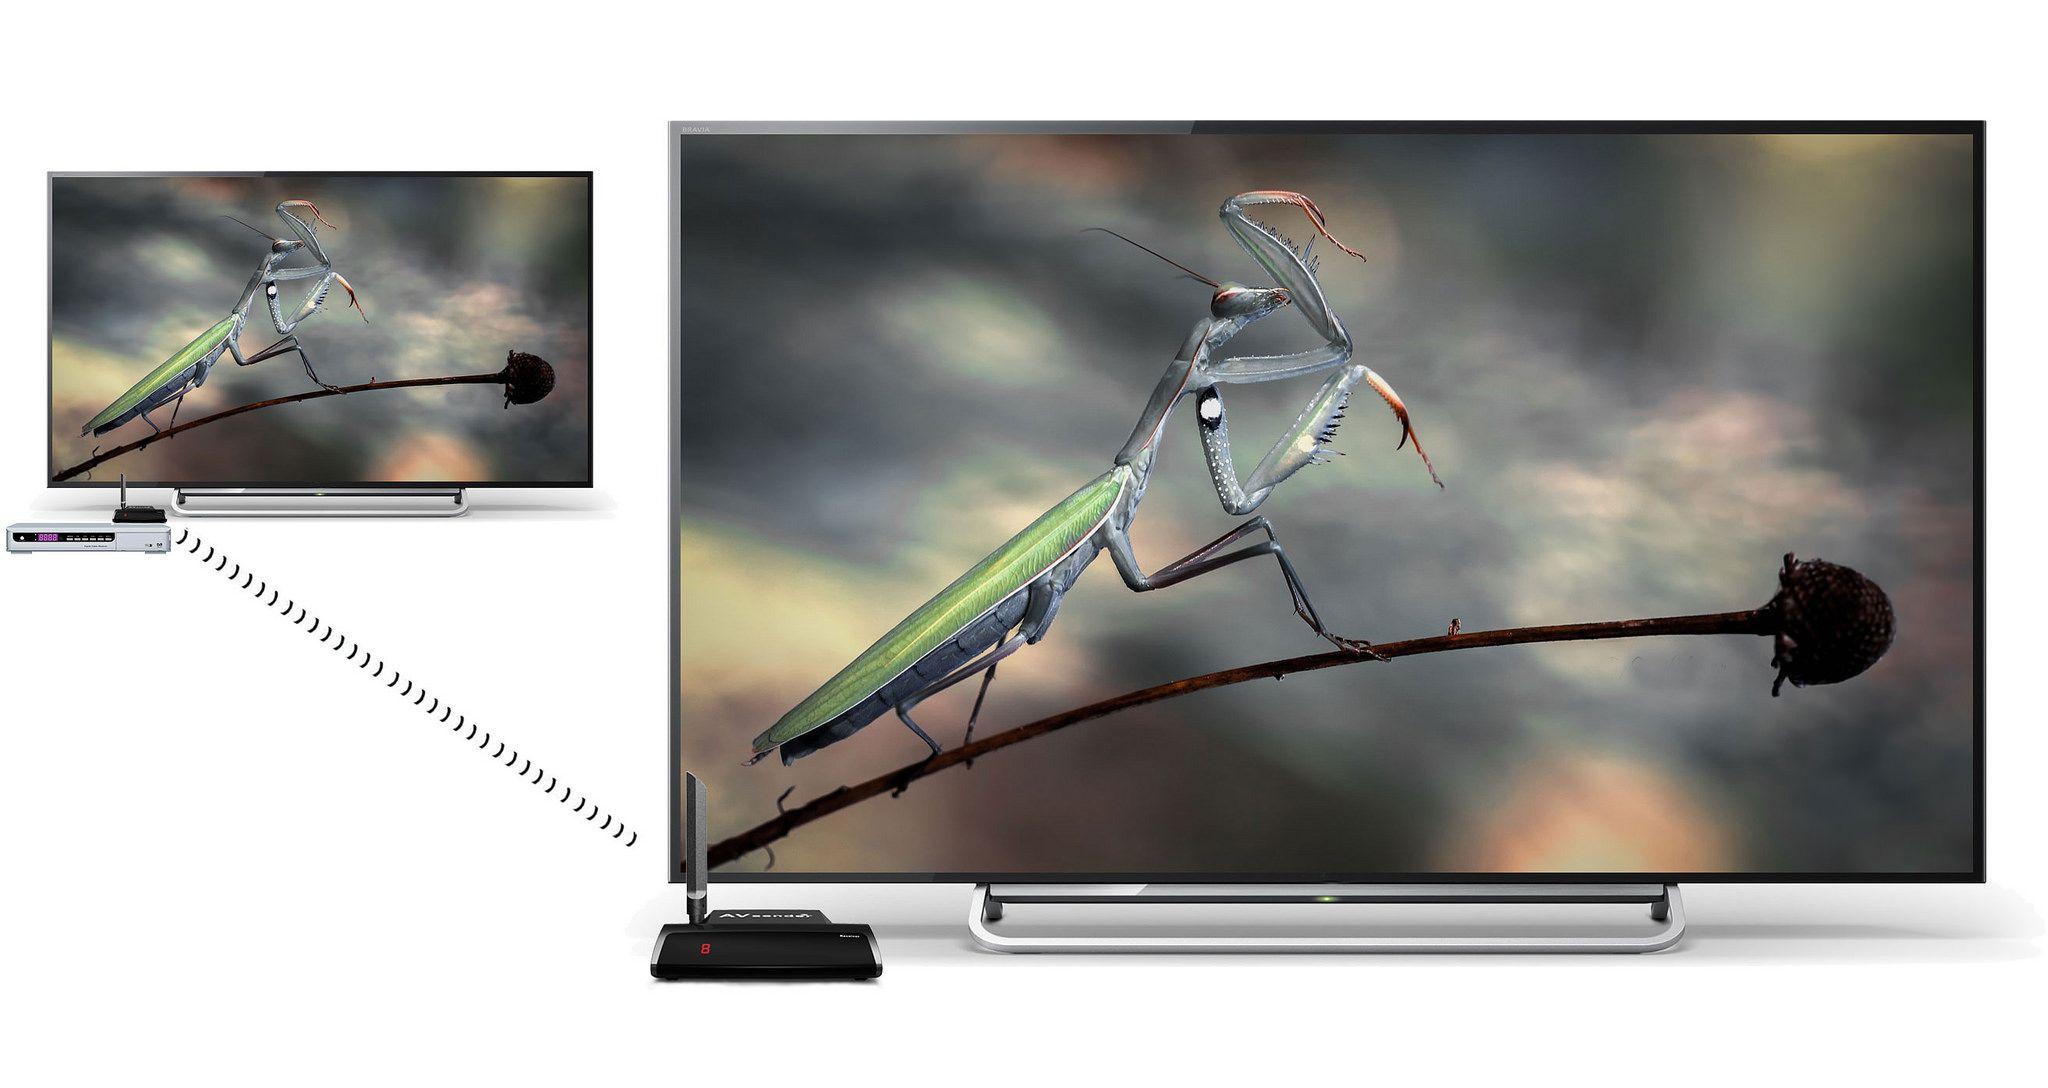 Deutsch)Übertragen einer Drahtlose-TV-Signal | Deutsch and Display